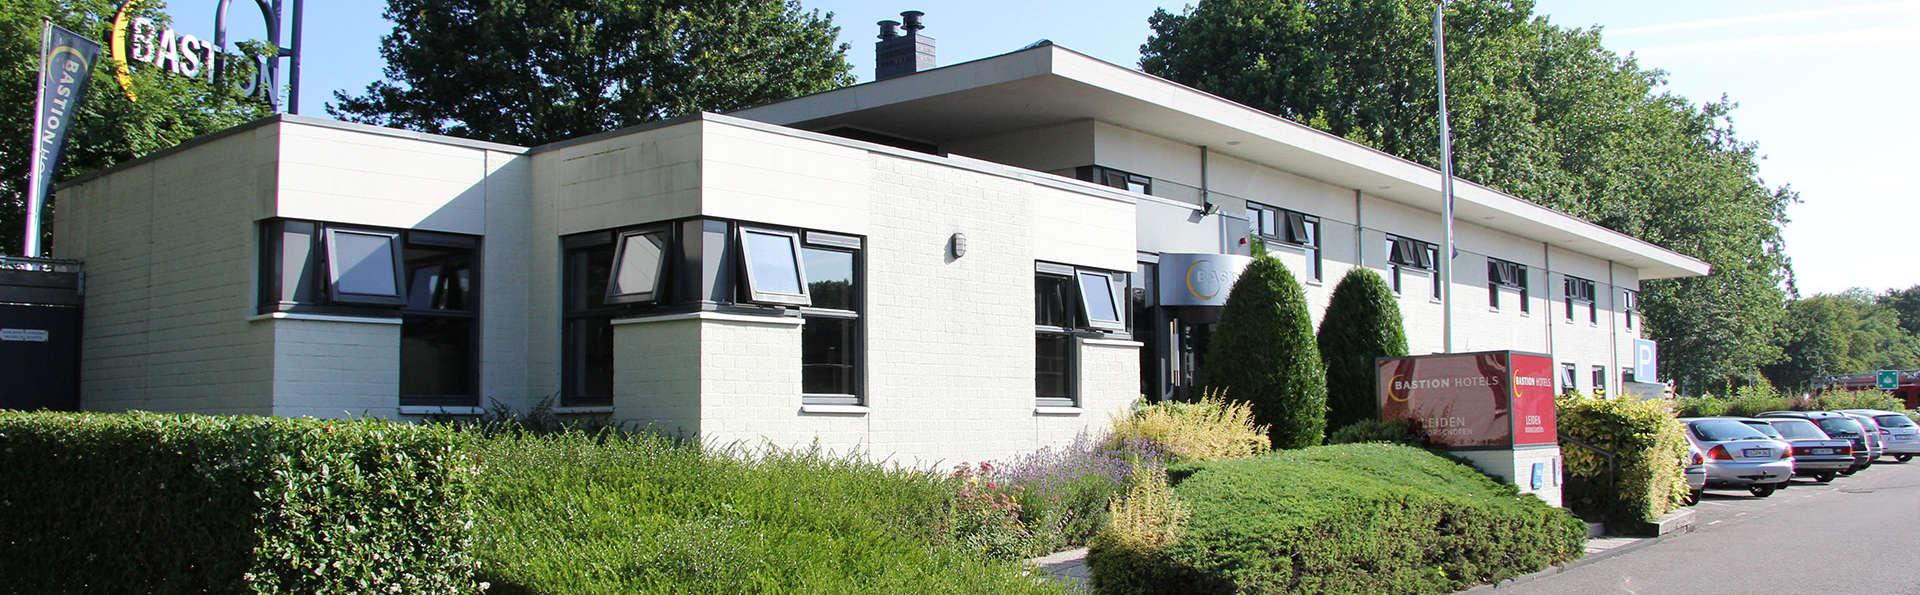 Bastion Hotel Leiden Voorschoten 3 Leiden Nederland